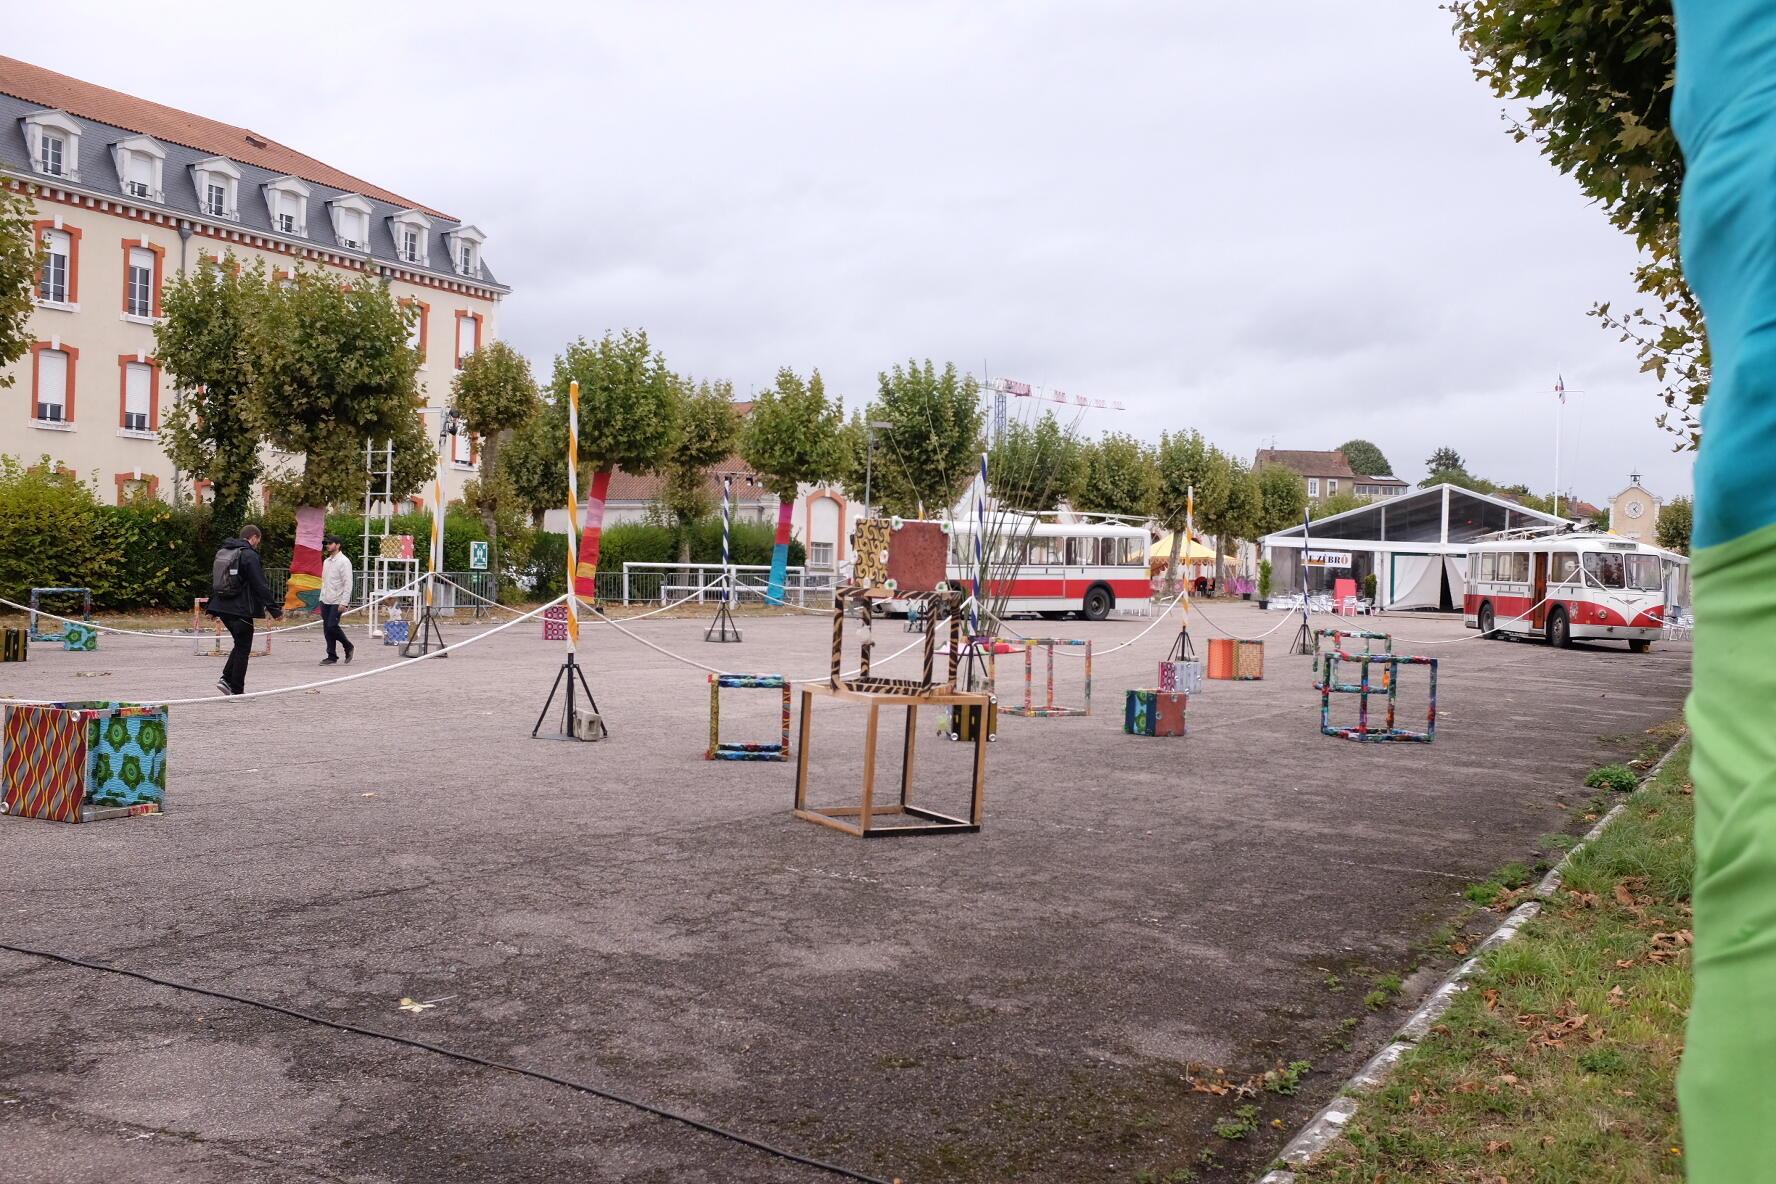 La cour de l'ancienne caserne Marceau, le nouveau cœur des « Francophonies », avant l'ouverture du festival « Les Zébrures d'automne », le 25 septembre, à Limoges.